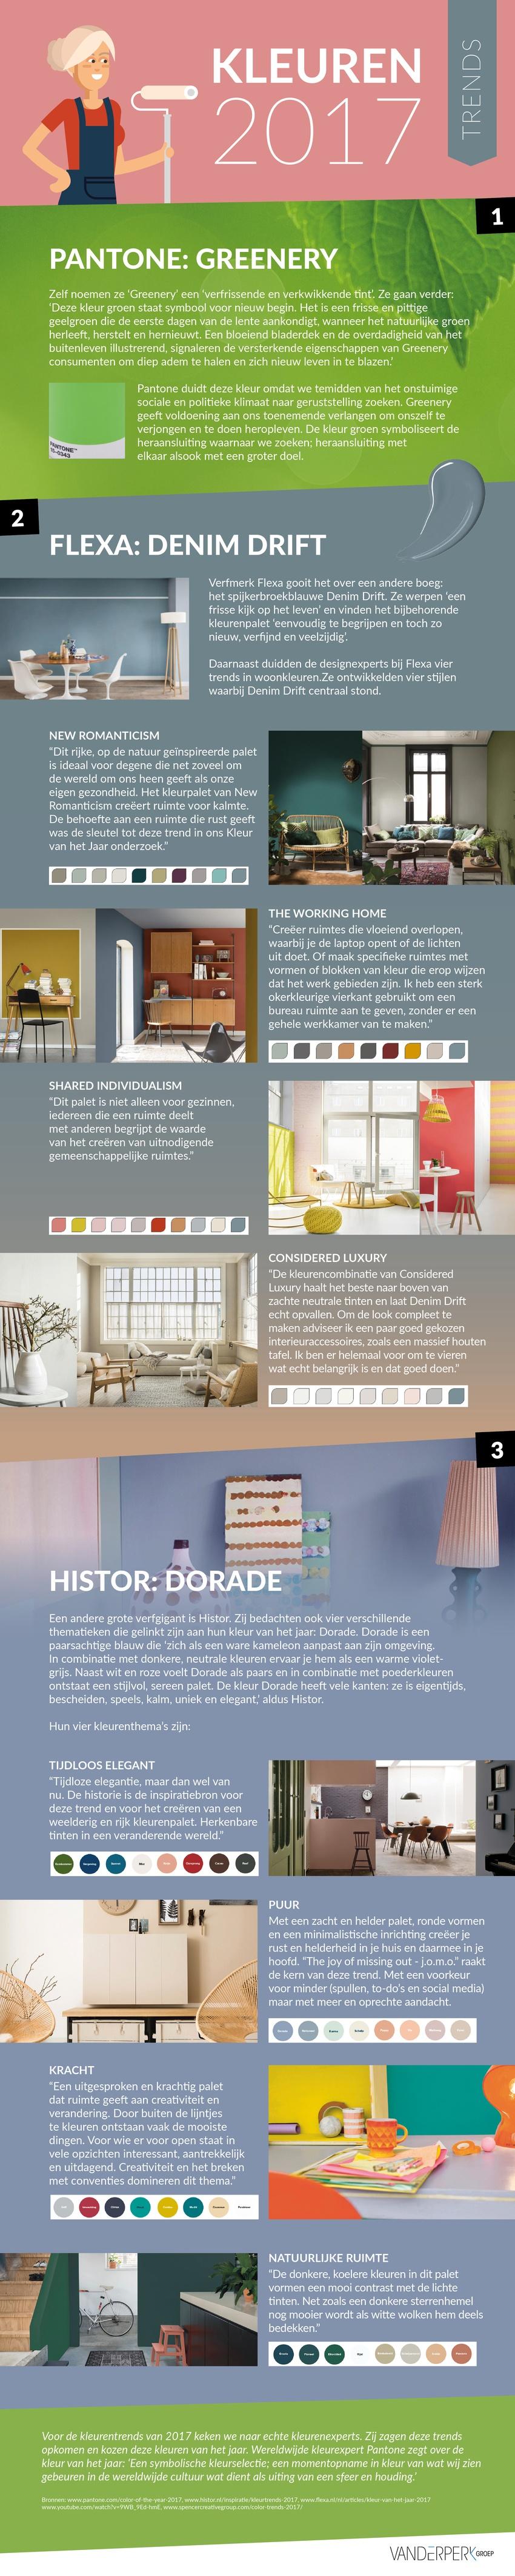 kleuren trends 2017